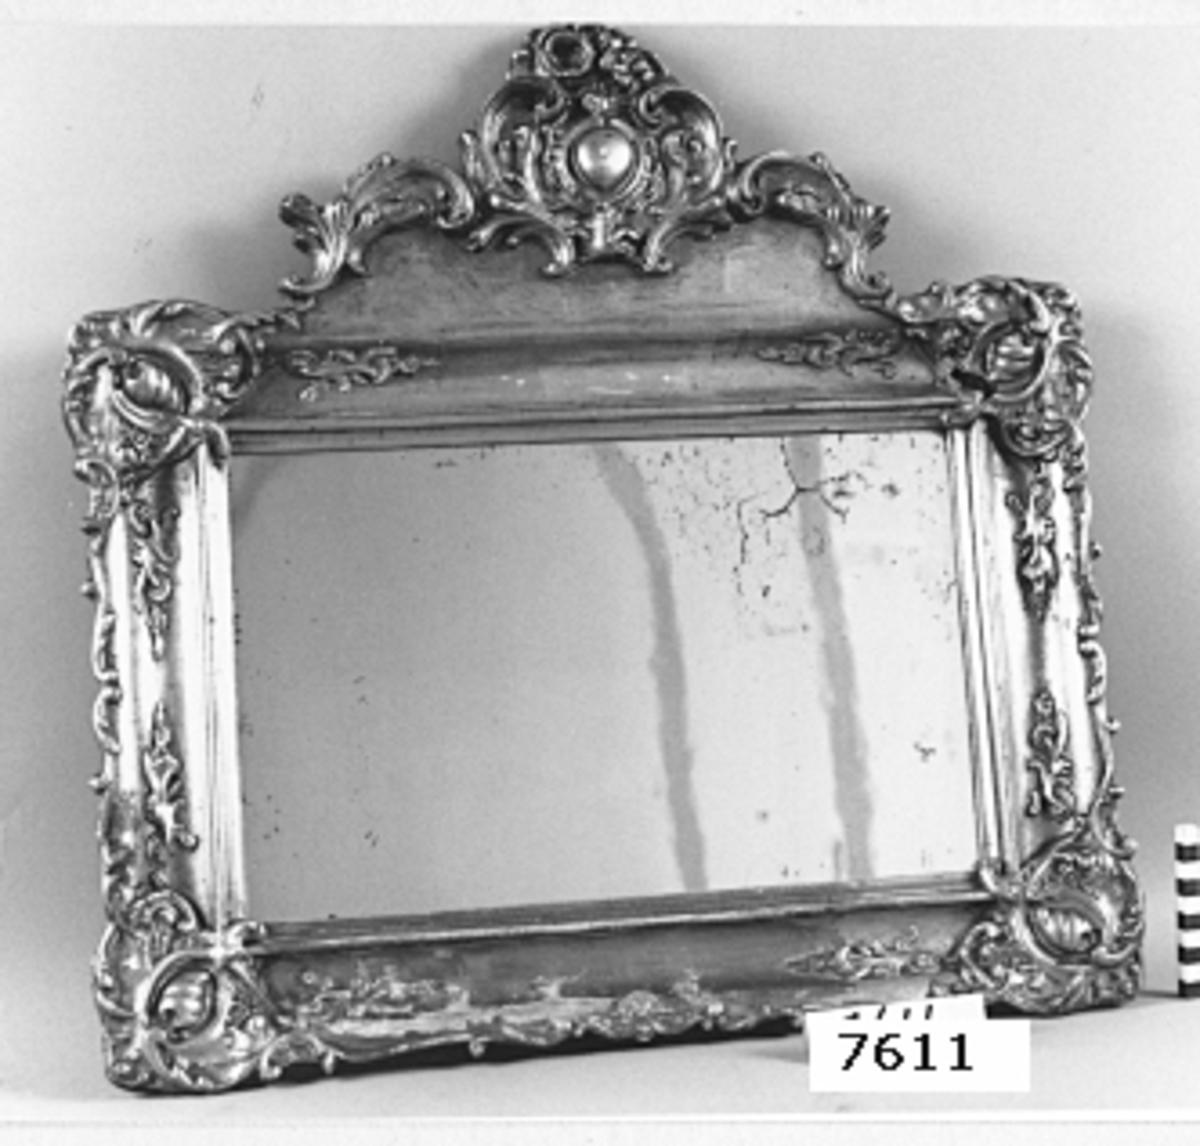 Spegel med förgylld ram av trä och gips. Ramen i barockstil med ornament i gips.